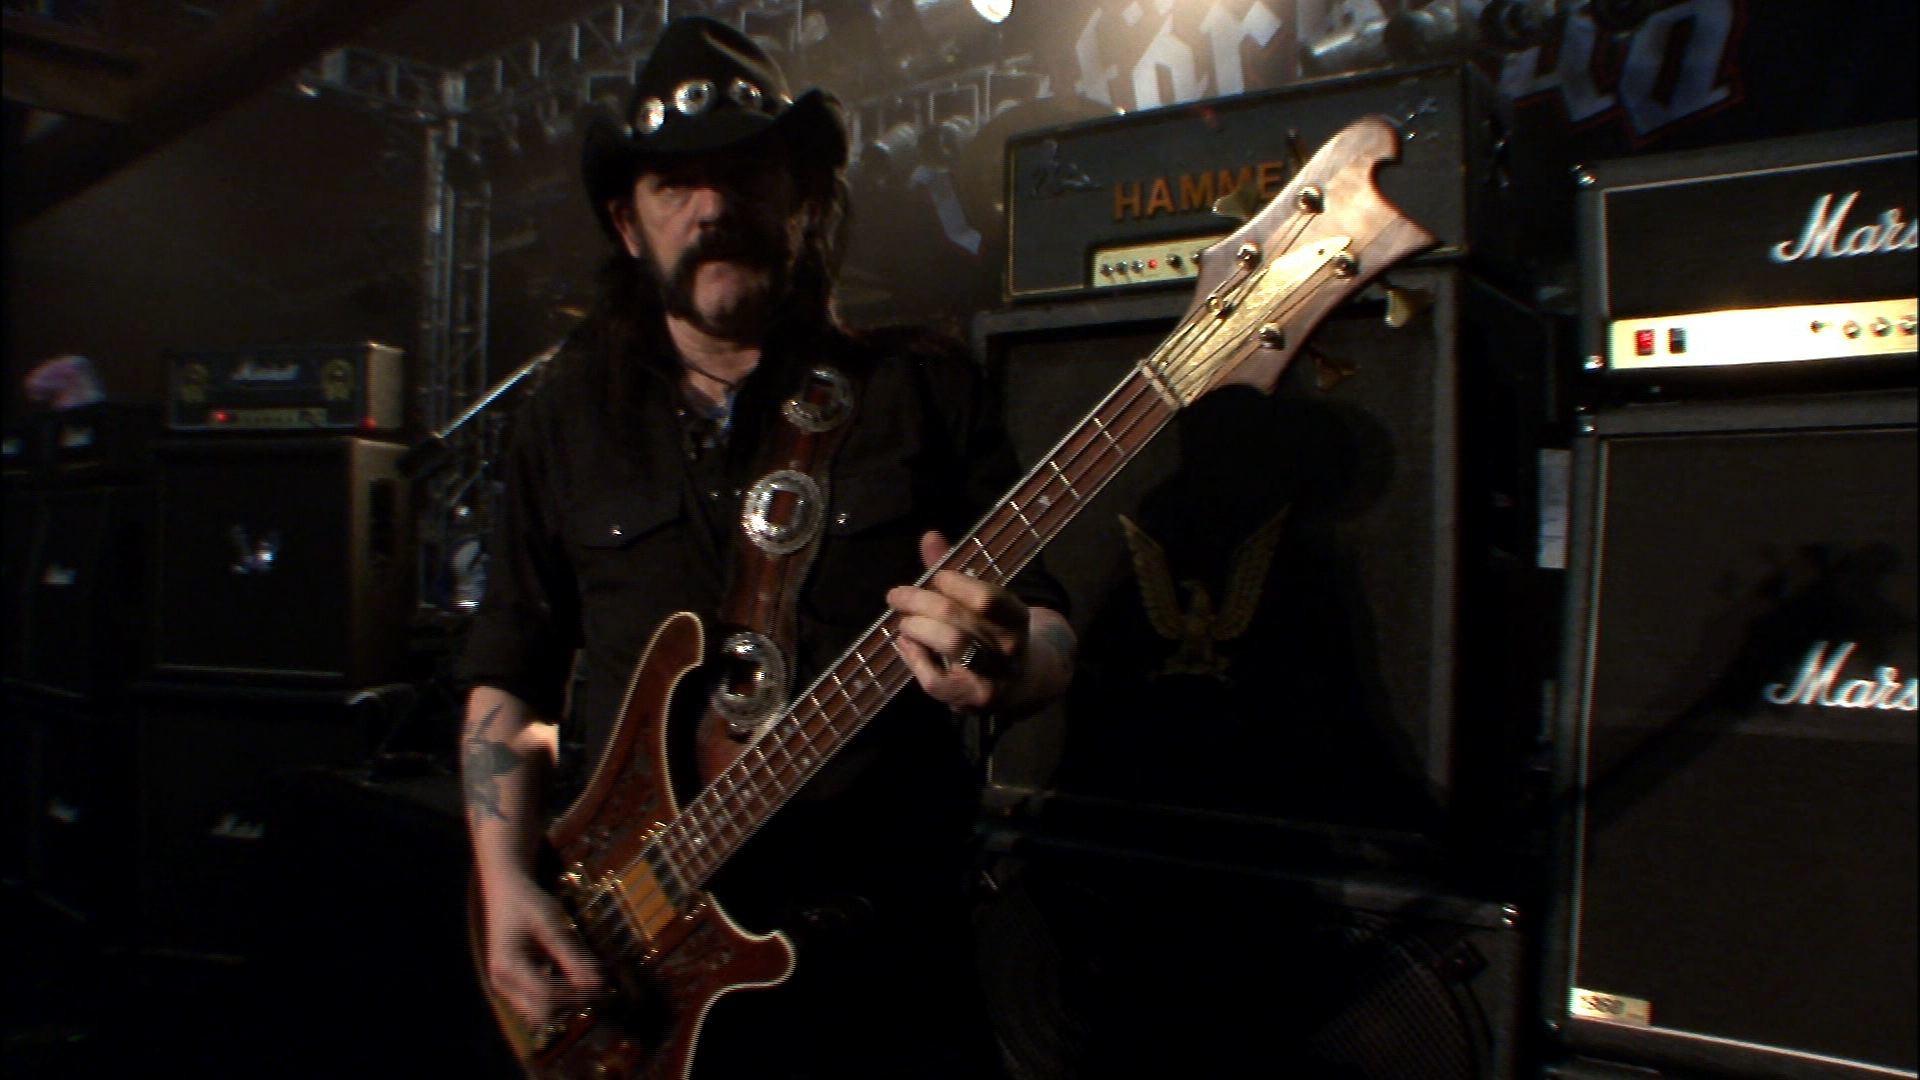 Lemmy Kilmister Rock Music Motorhead Wallpaper Hd: Lemmy Wallpapers ·①